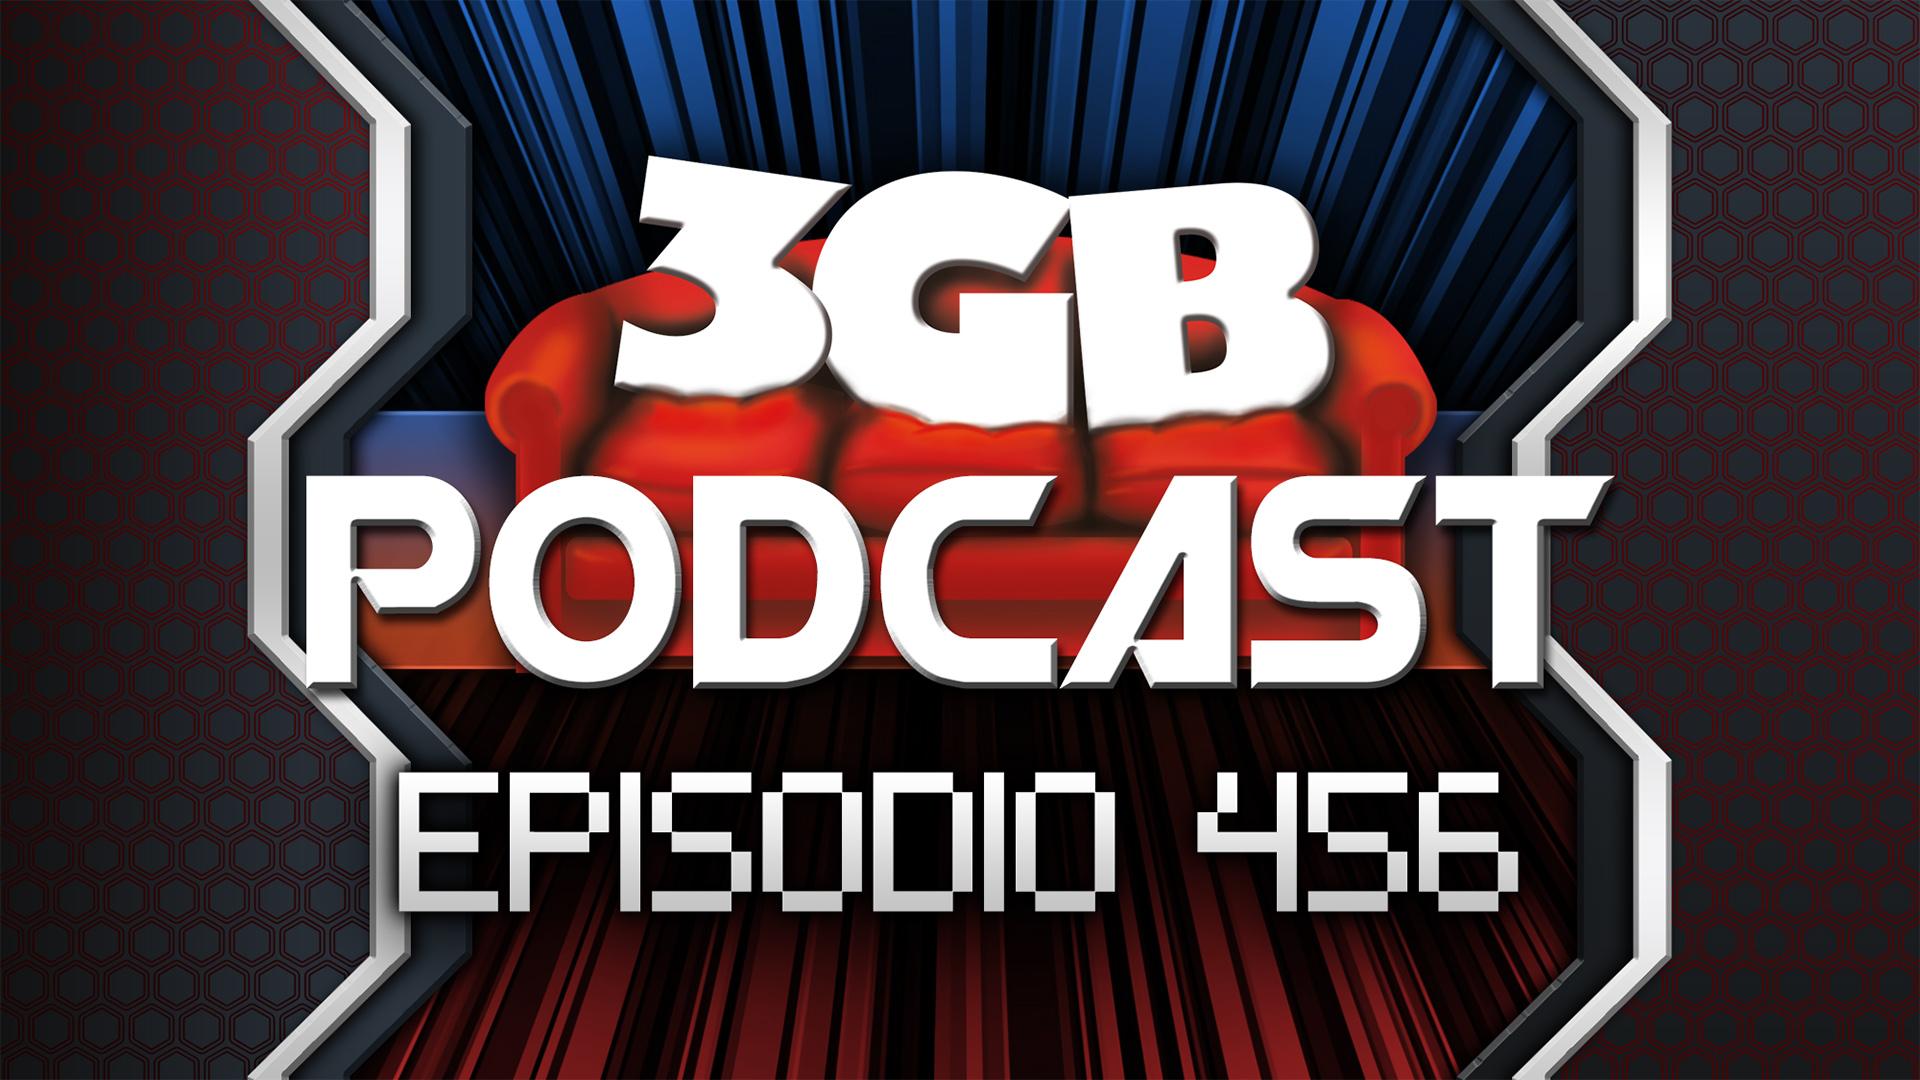 Podcast: Episodio 456, Twitch Hackeado